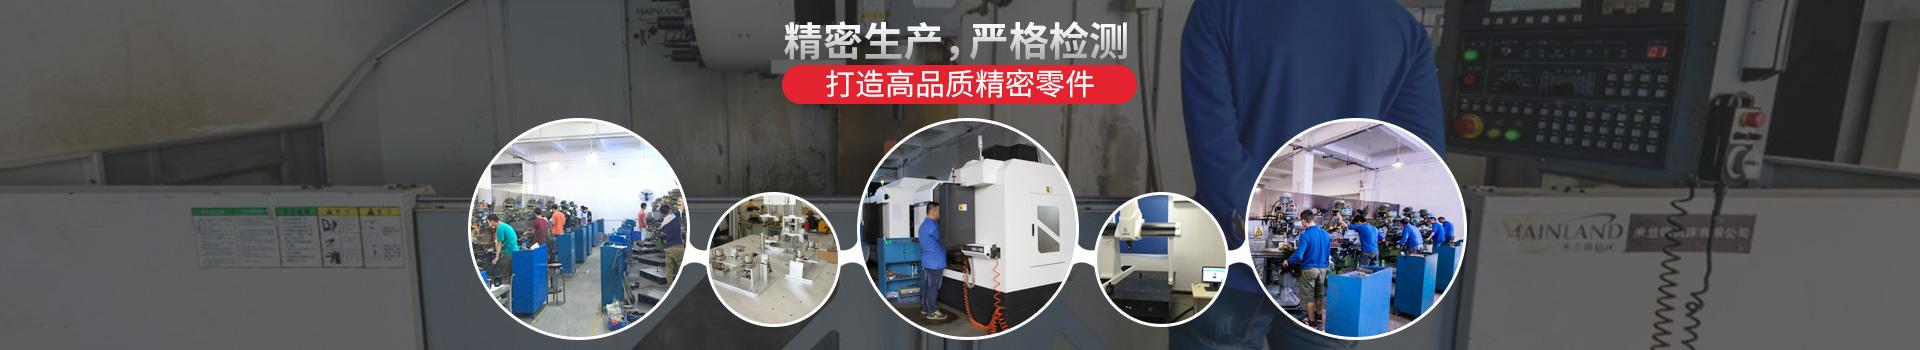 CNC精密機械加工,深圳CNC加工廠家——精密生產,嚴格檢測